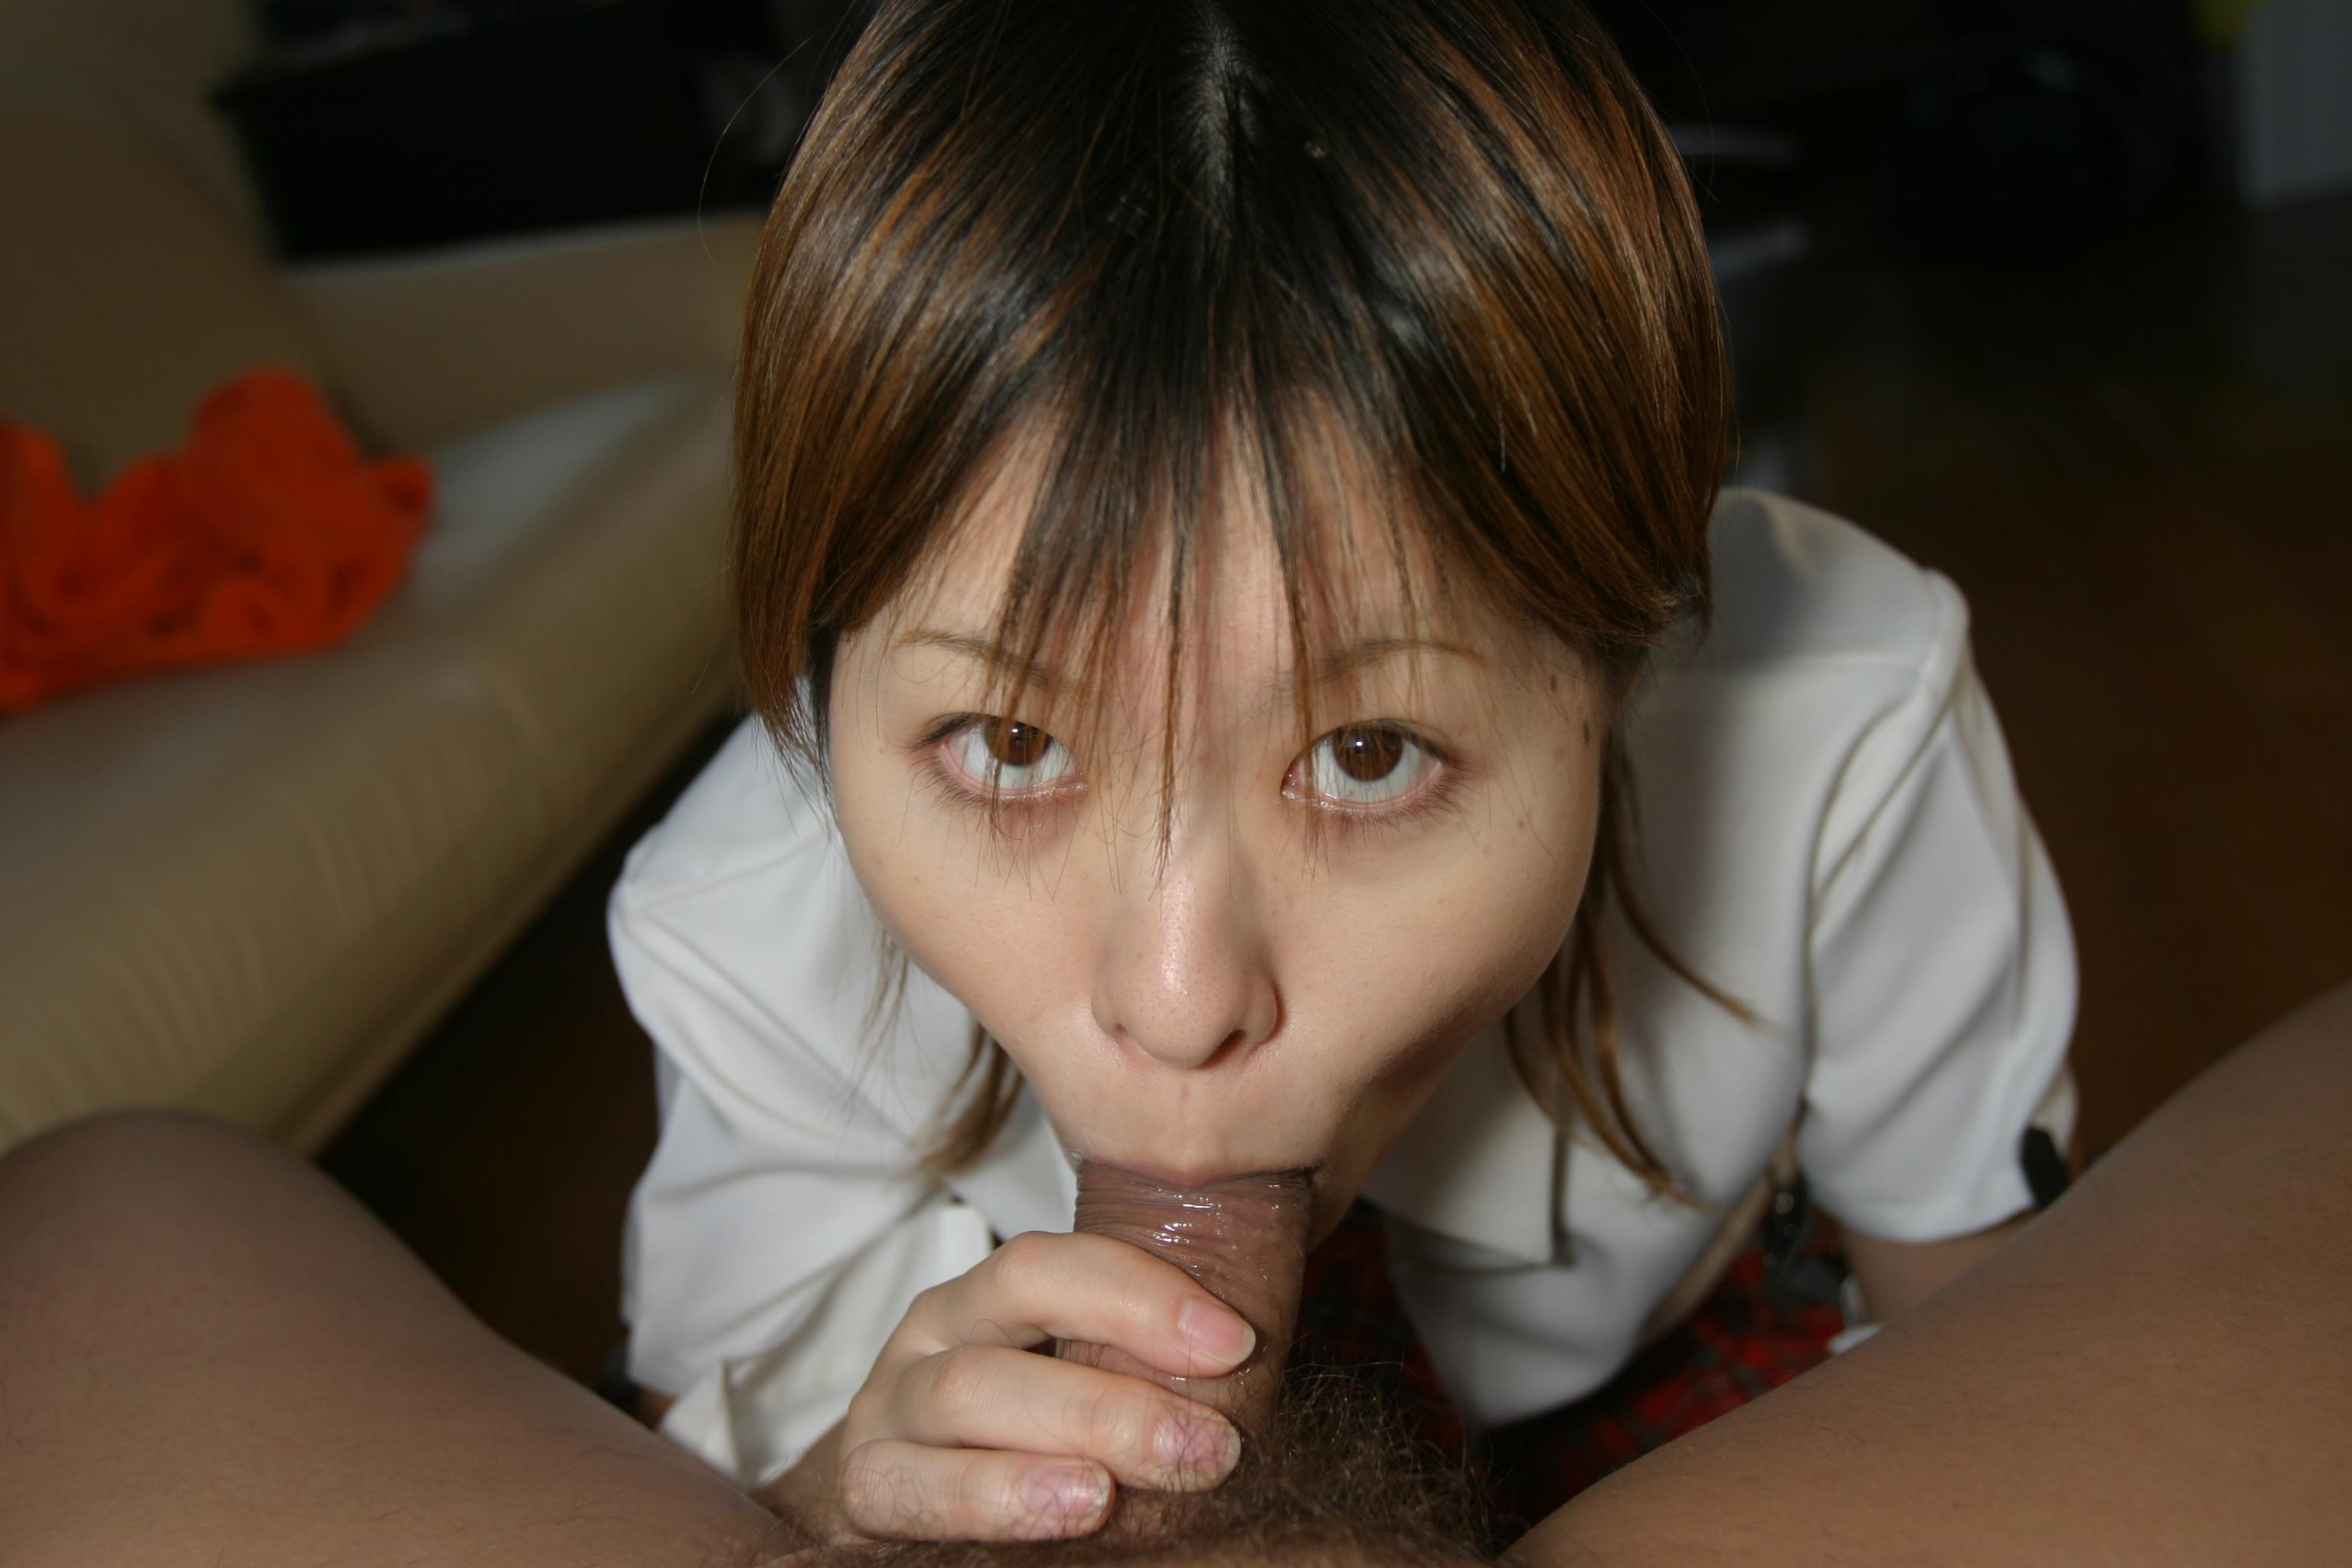 ちんぽ大好き ⑤ 無修正画像06